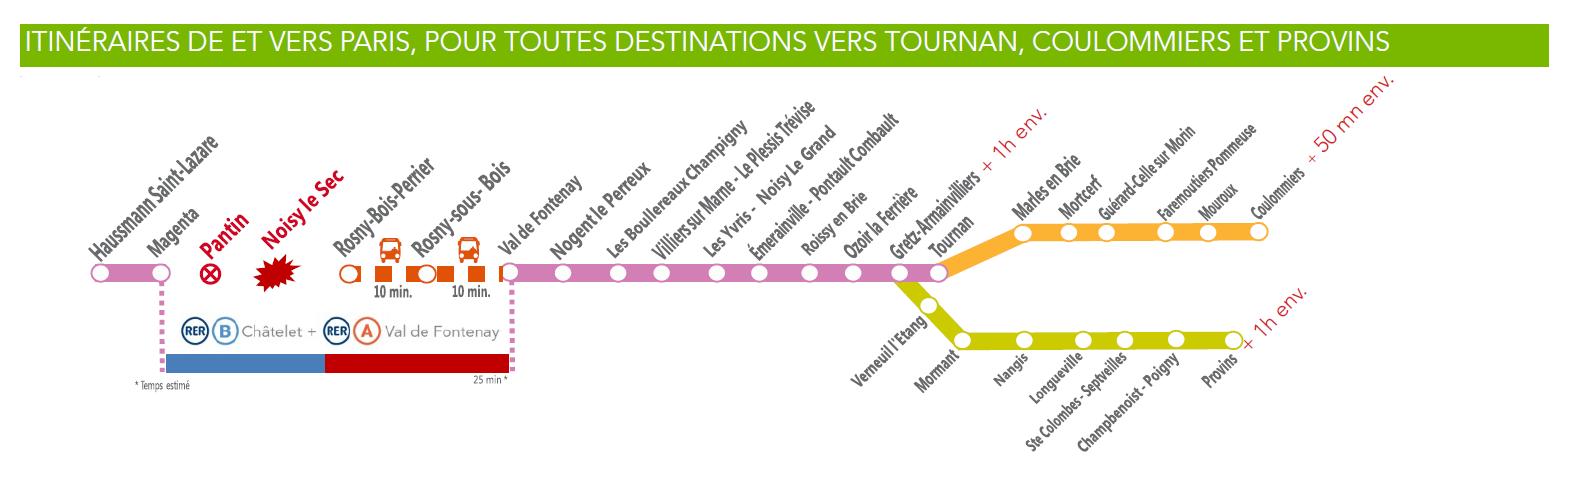 Itinaraire BIS de et vers Paris Tournan COU PRO